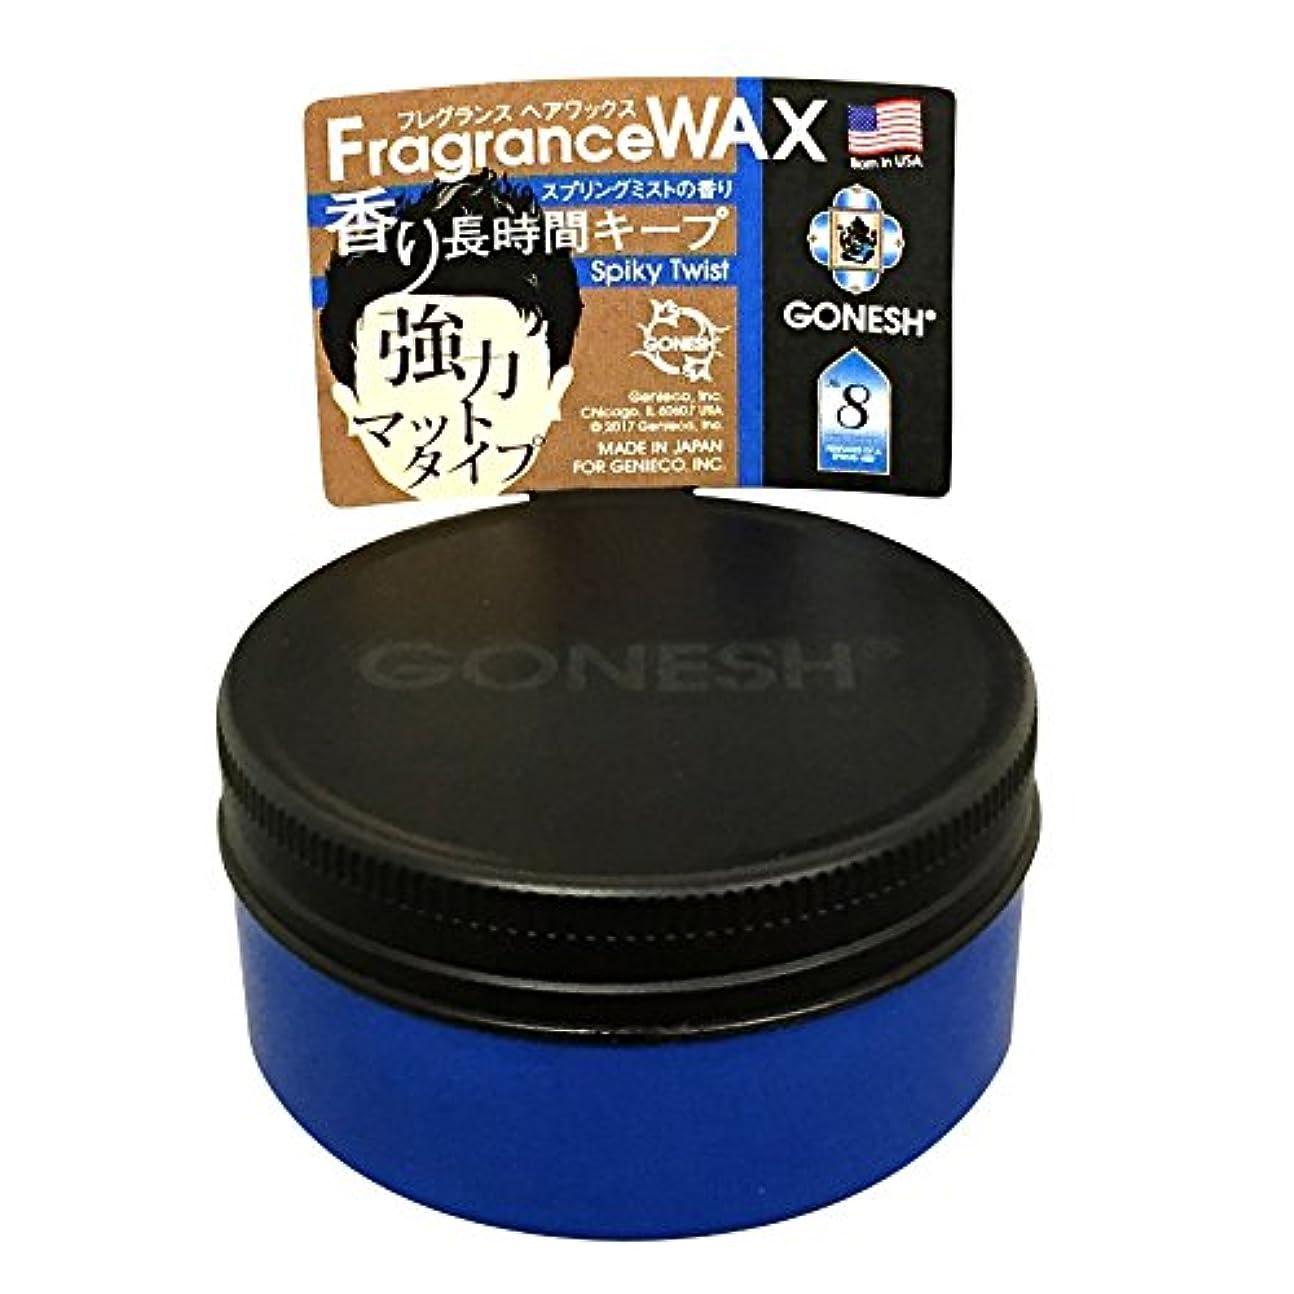 マエストロコンサルタントリーンGONESH フレグランスヘアワックス(スタイリング剤) NO.8 強力マットタイプ 60g